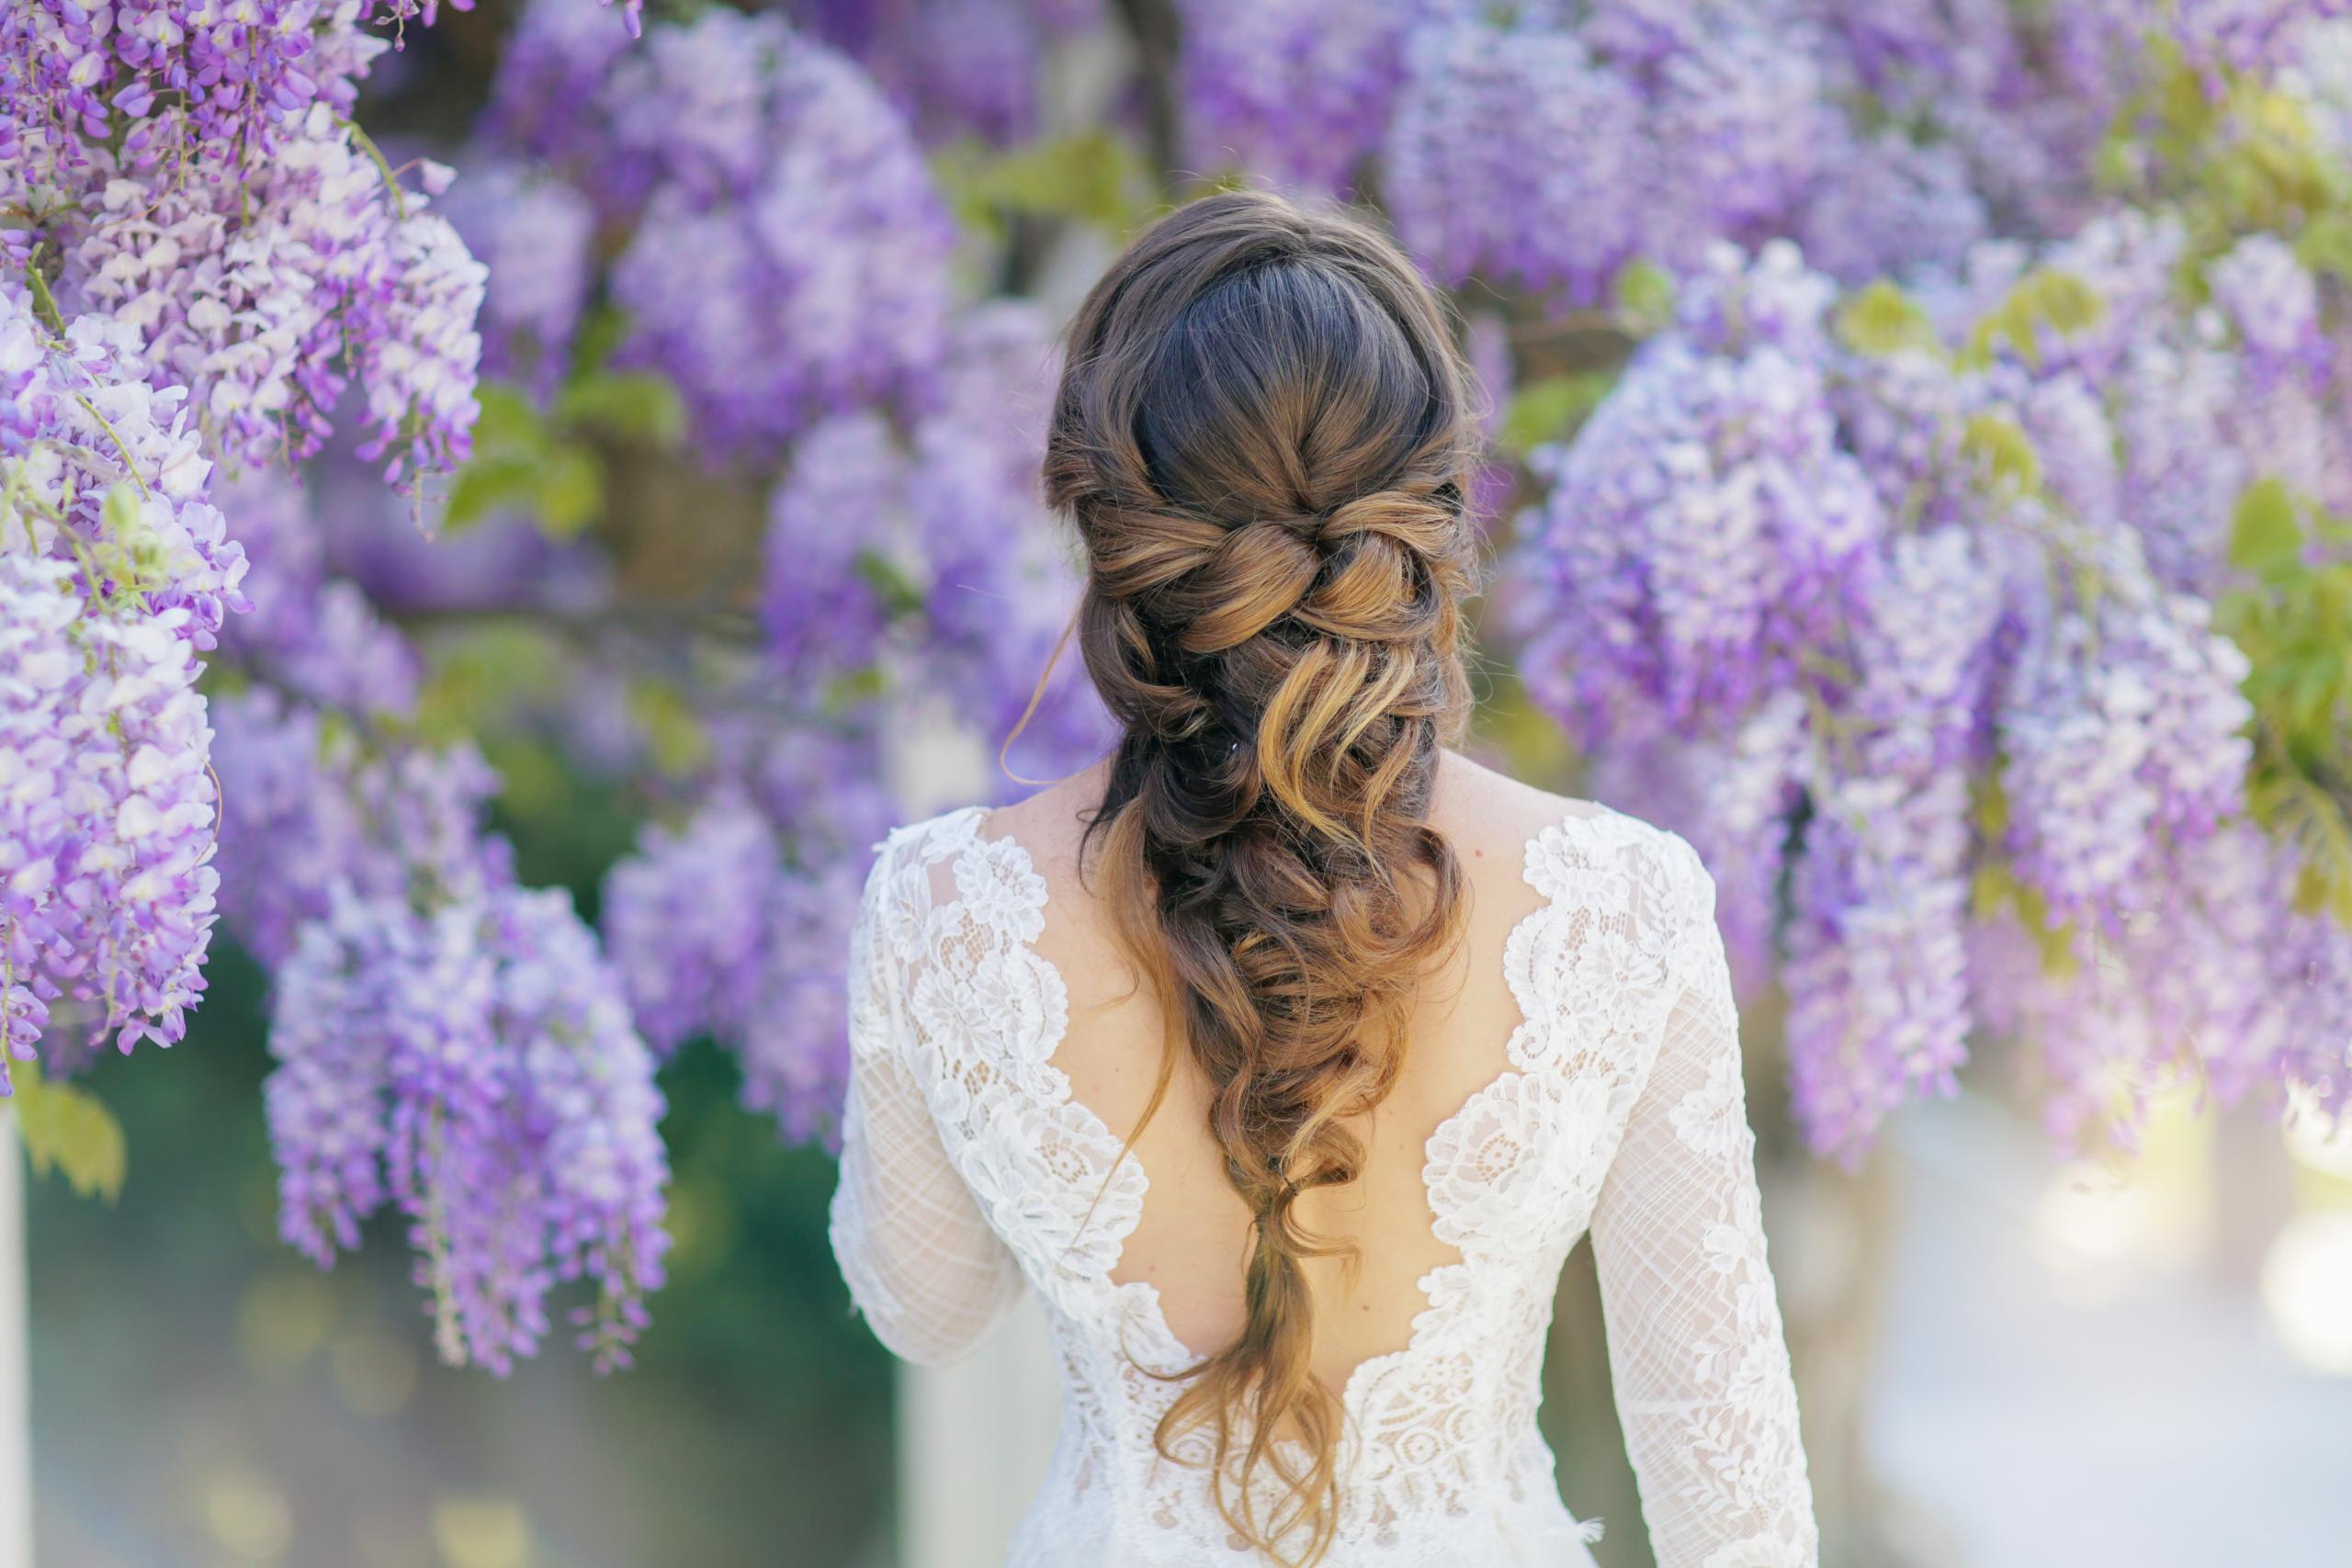 Idee acconciatura sposa: capelli semiraccolti